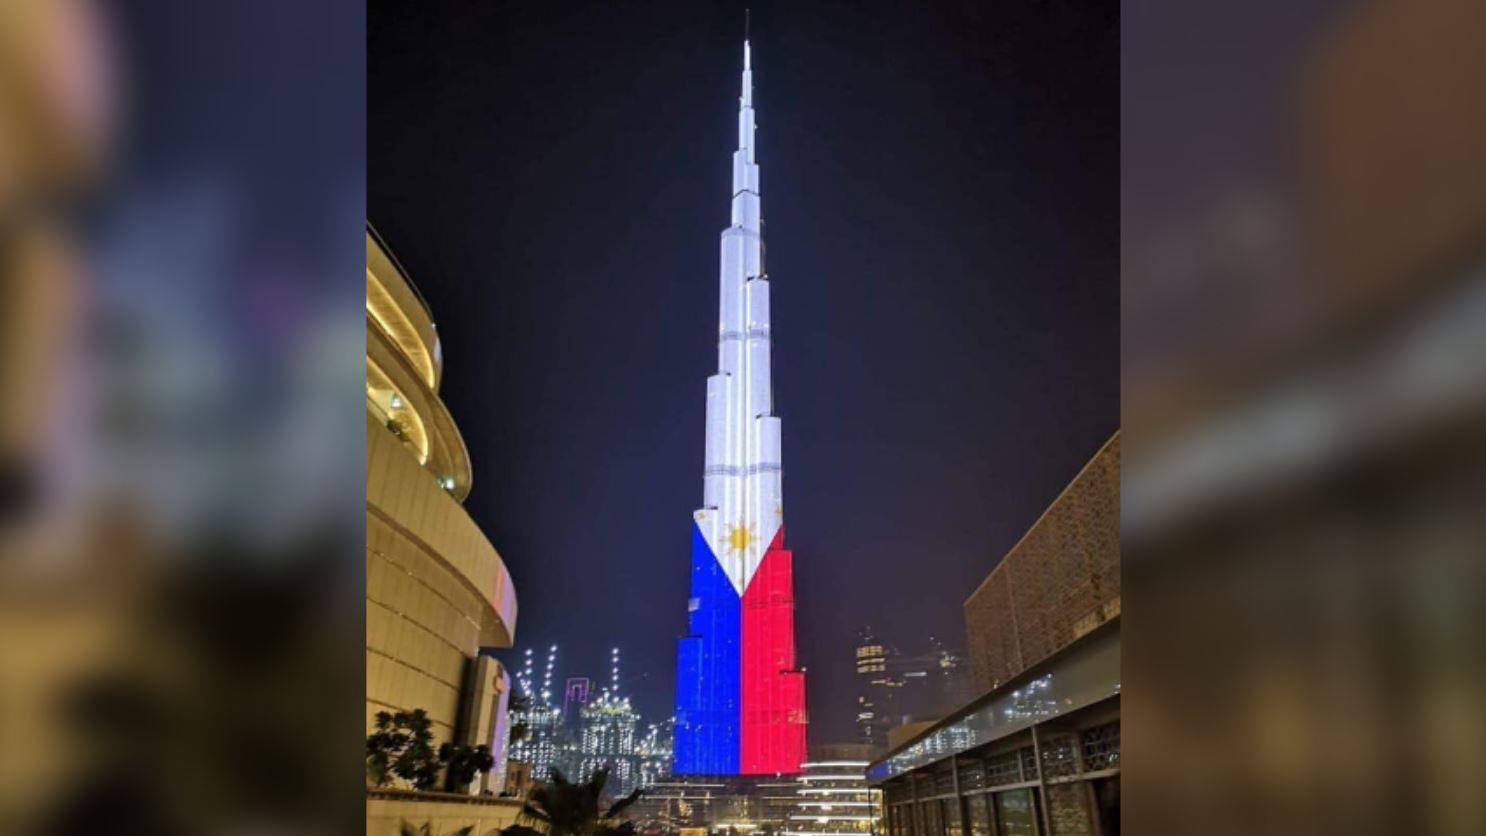 Burj Khalifa Philippine flag Independence Day